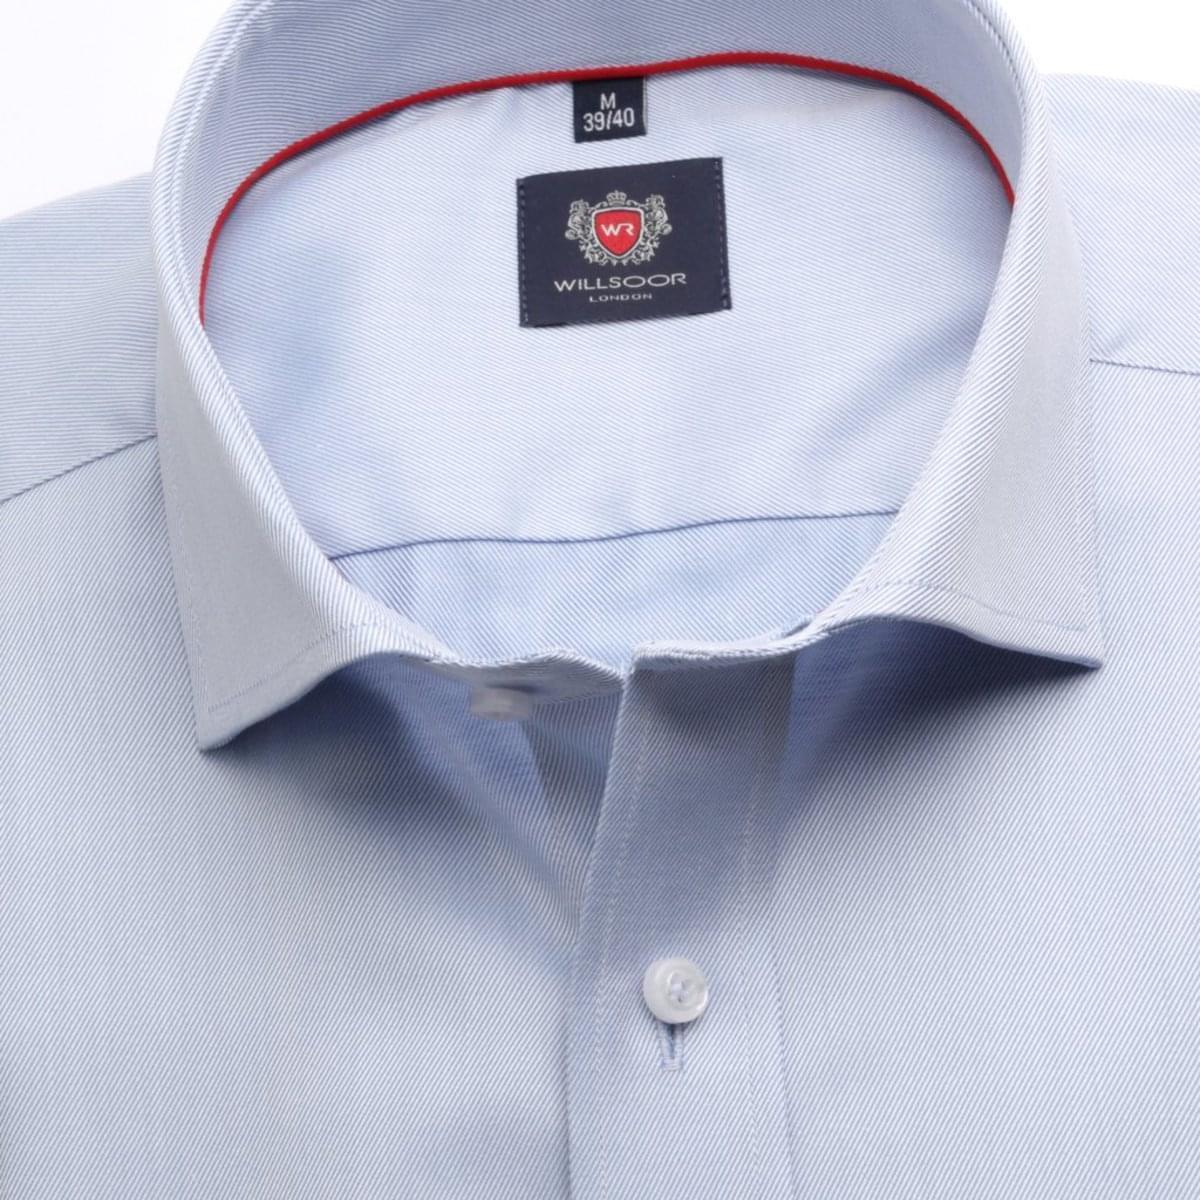 Pánská klasická košile London (výška 176-182) 6823 s formulí Easy Care 176-182 / L (41/42)